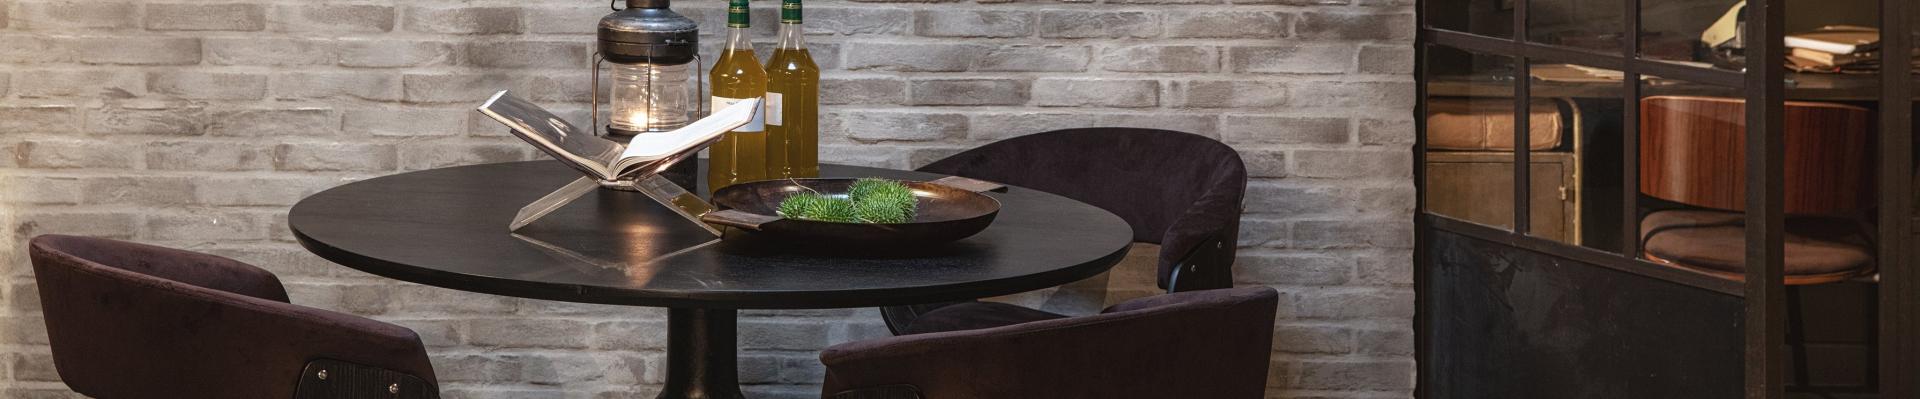 BePureHome tafels